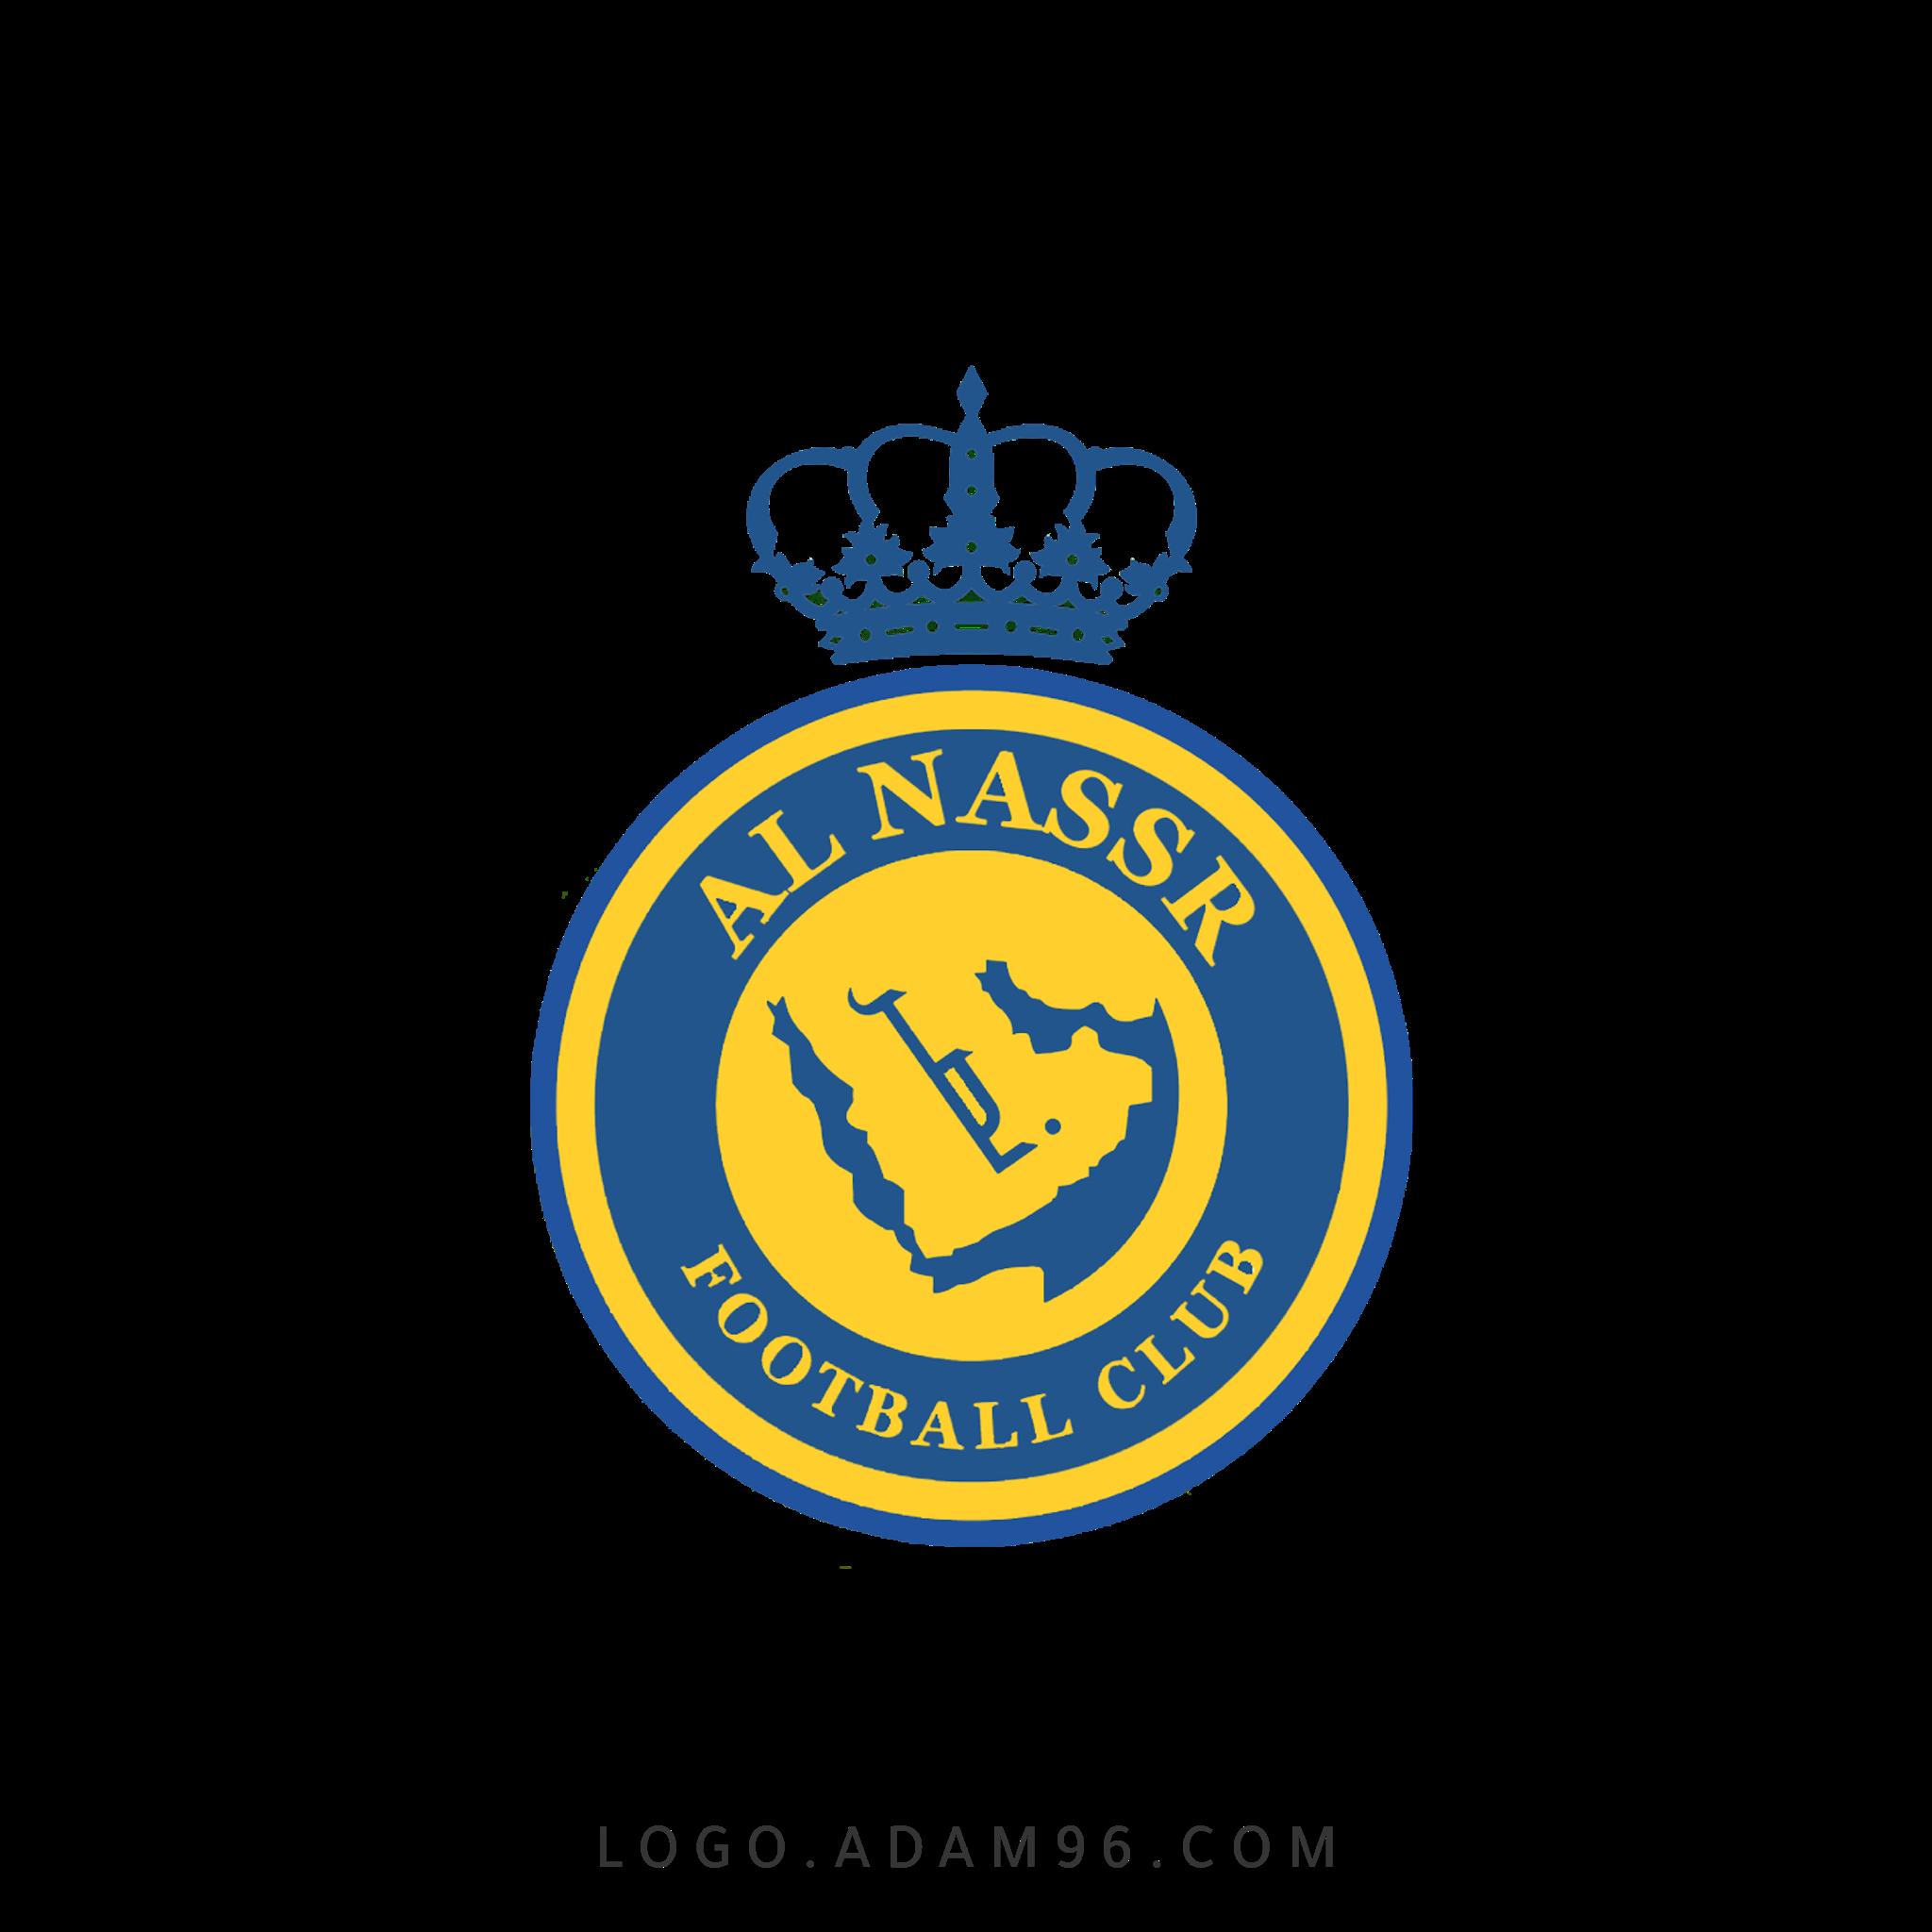 تحميل شعار نادي النصر الجديد 2021 لوجو شفاف بصيغة PNG